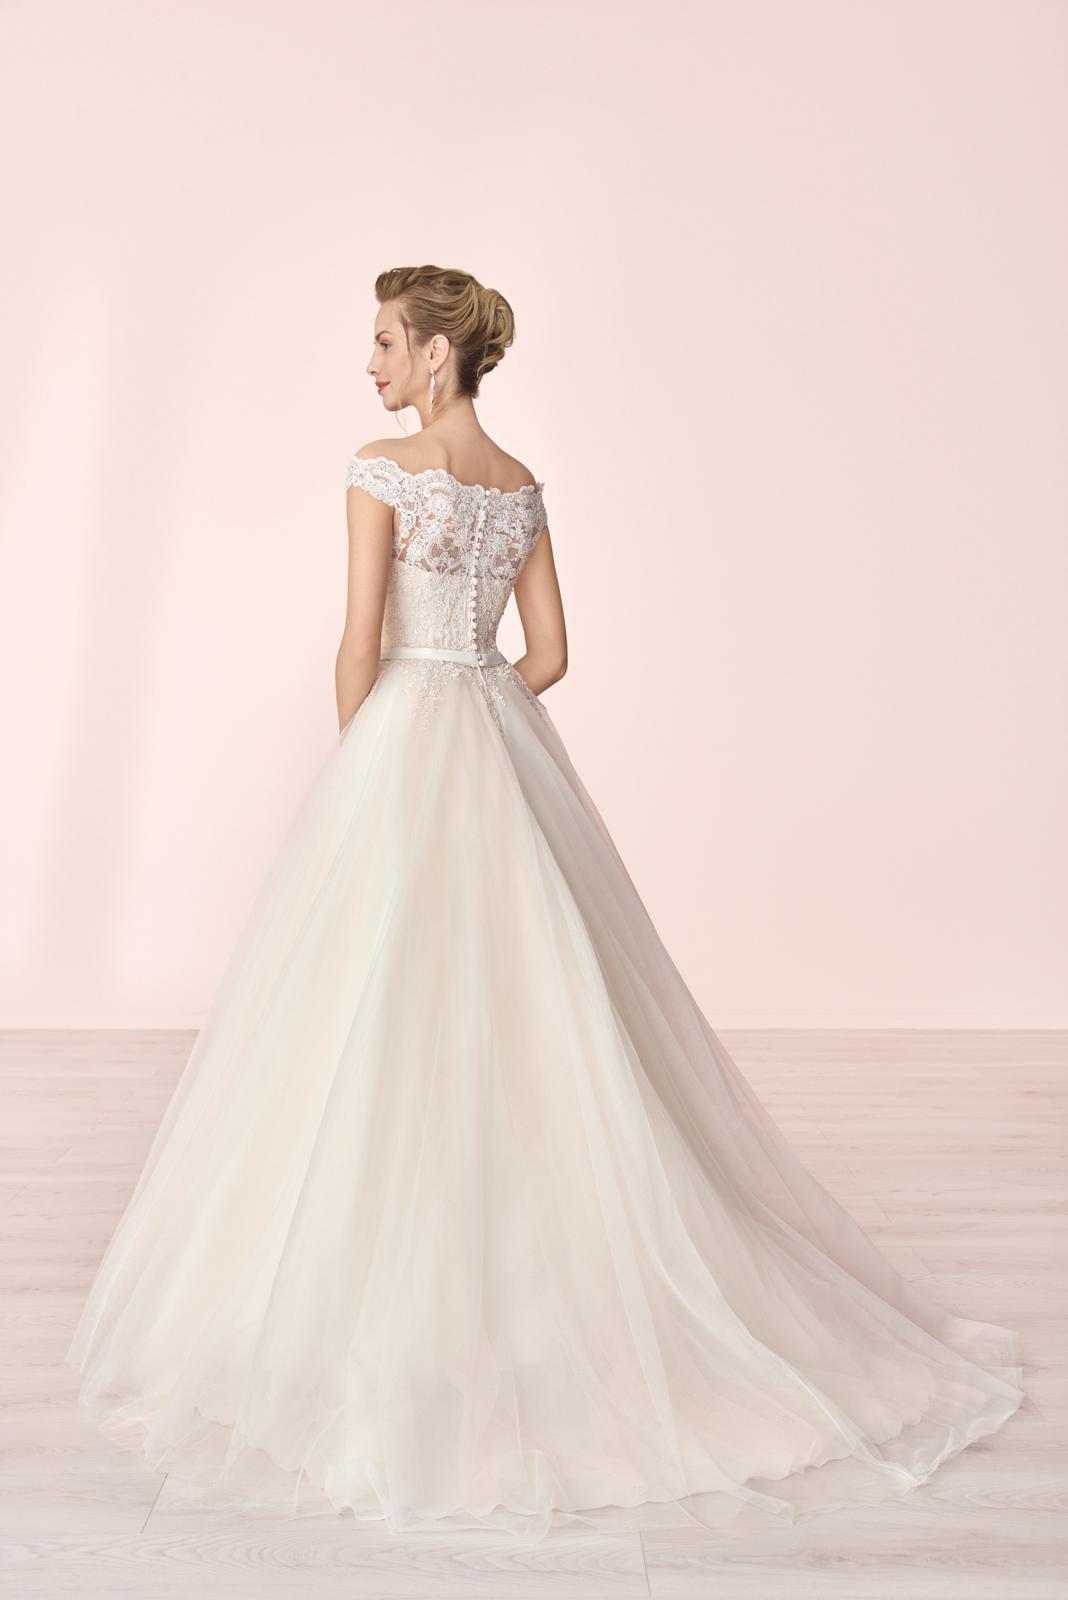 Nové svatební šaty zn. Elizabeth k vyzkoušení u nás v salonu. - Obrázek č. 3